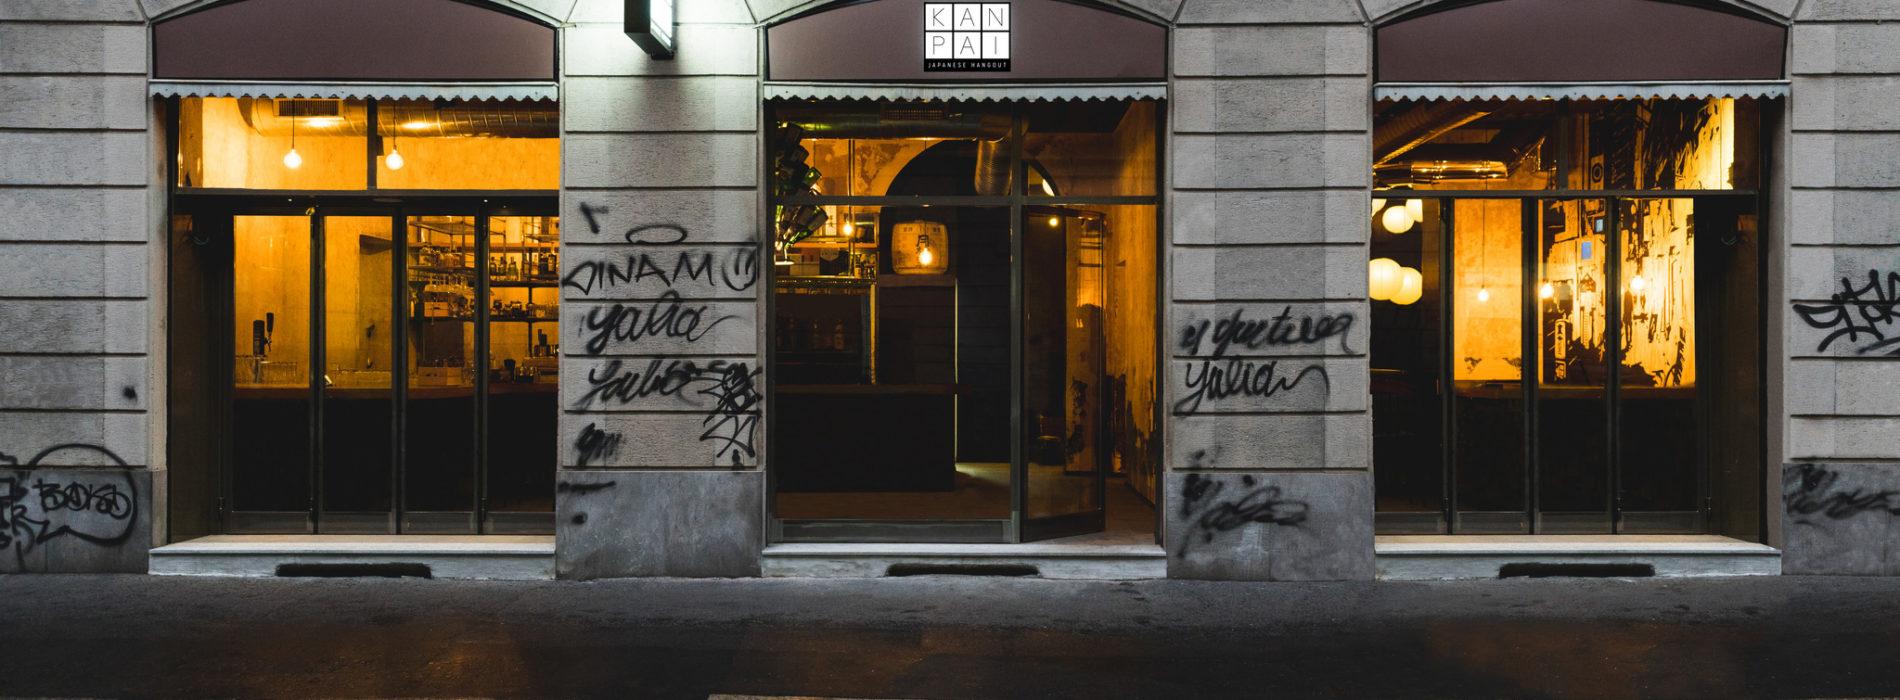 Kanpai Milano, sake pregiati e il cibo autentico di un'izakaya giapponese